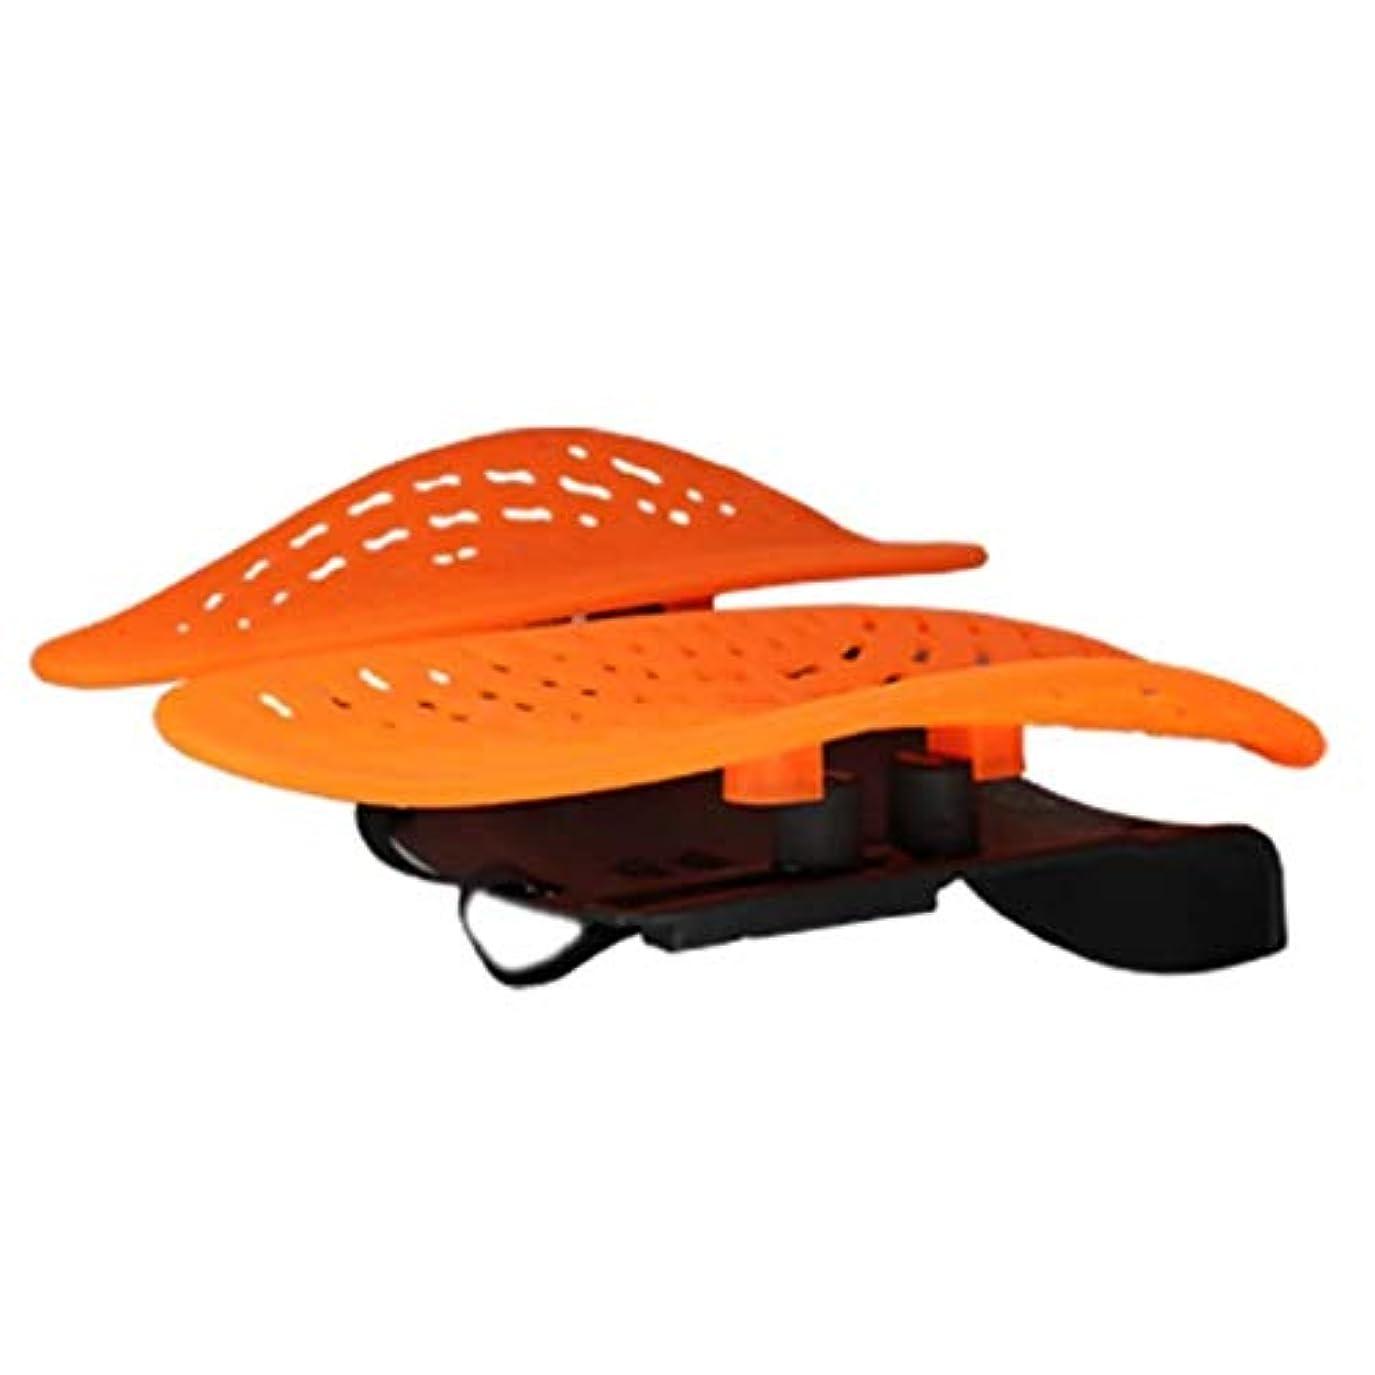 銛気体の薄暗いウエストマッサージャー、腰椎サポートパッド、アイスシルクバックサポートパッド、ホーム/オフィスチェアや車に適し、背中の痛みを和らげる (Color : オレンジ)